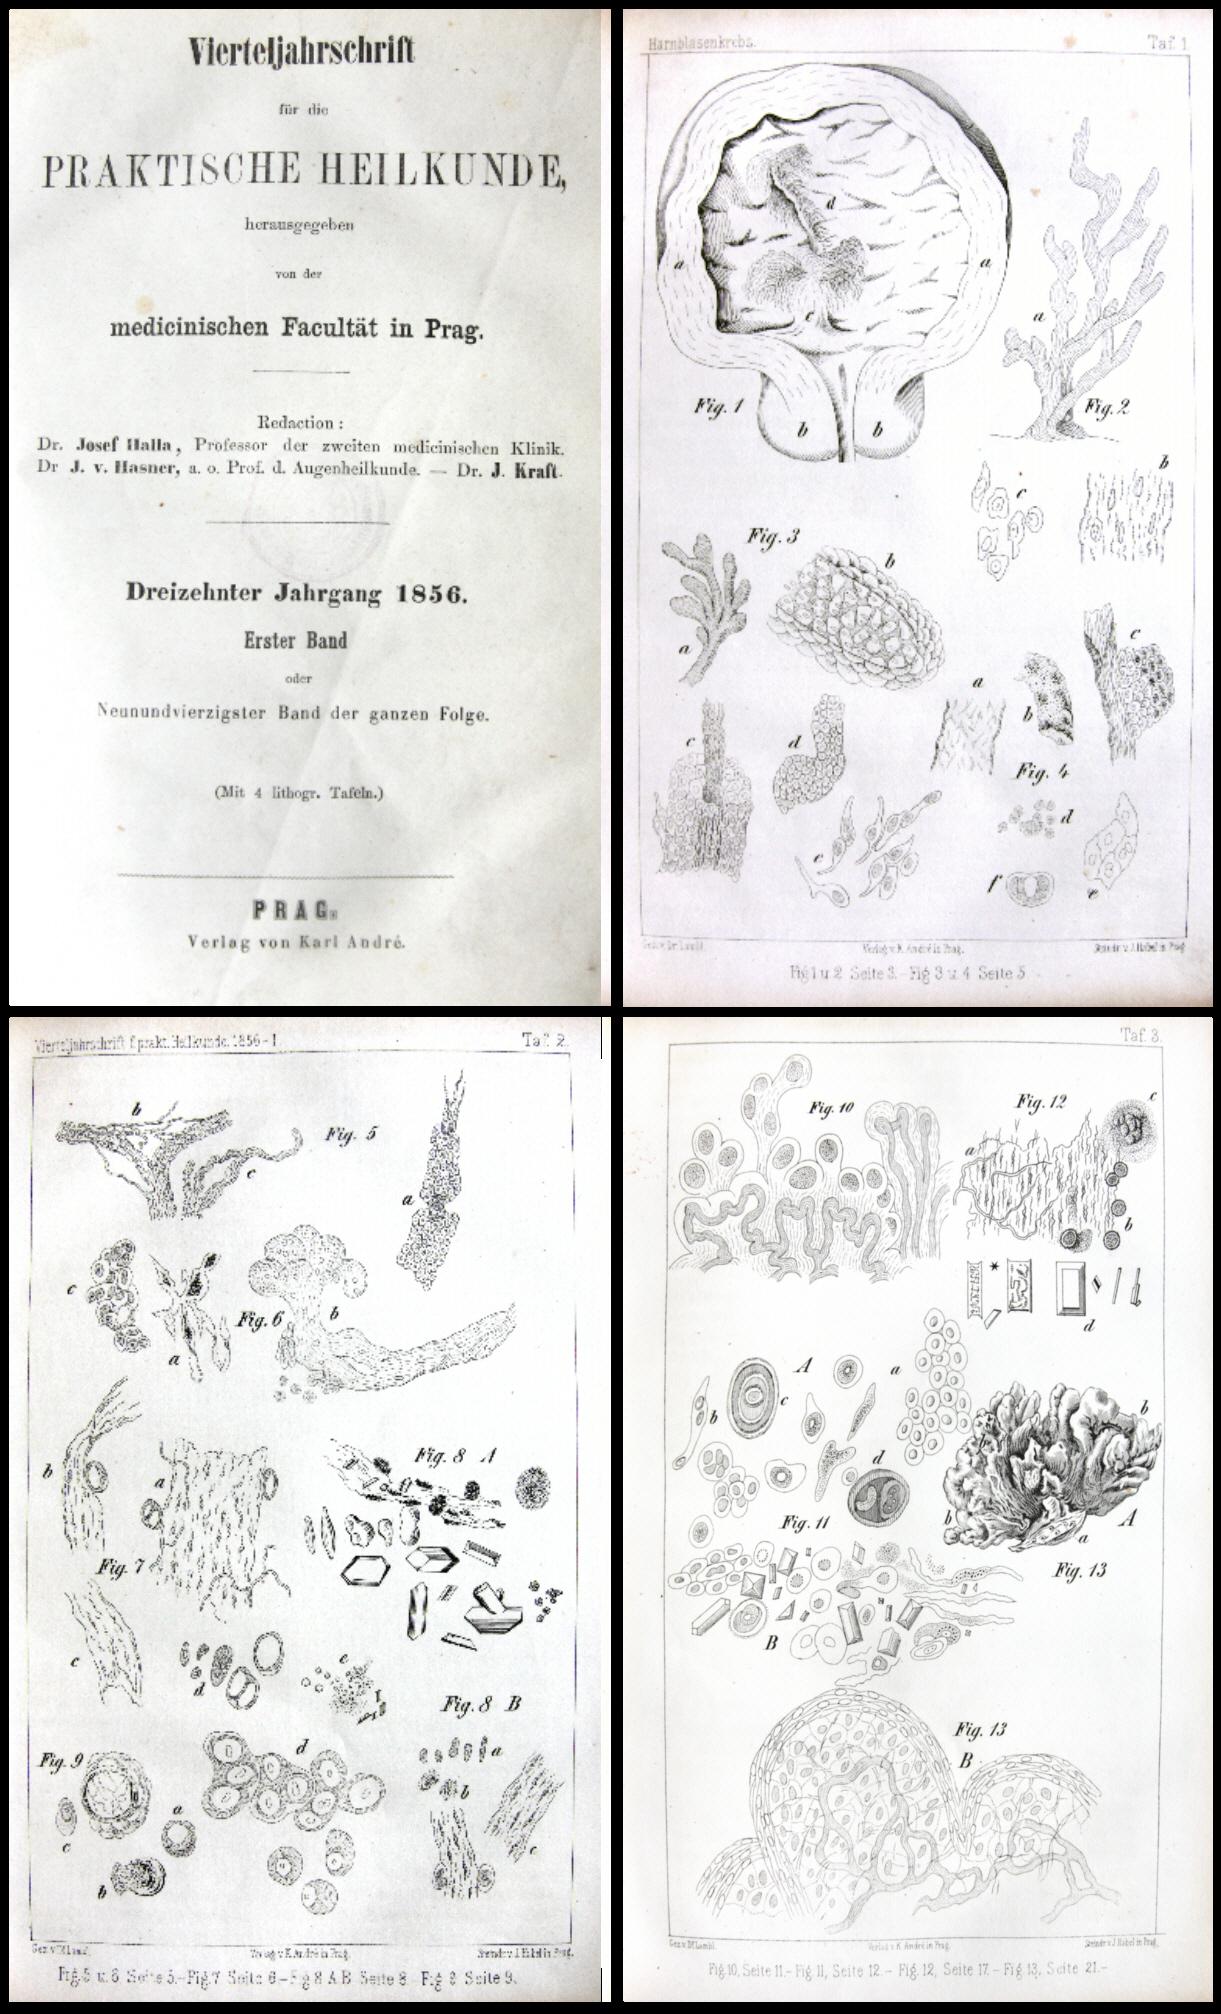 Ilustrace cytologických nálezů z nátěrů moči při karcinomu močového měchýře z Lamblovy originální publikace.